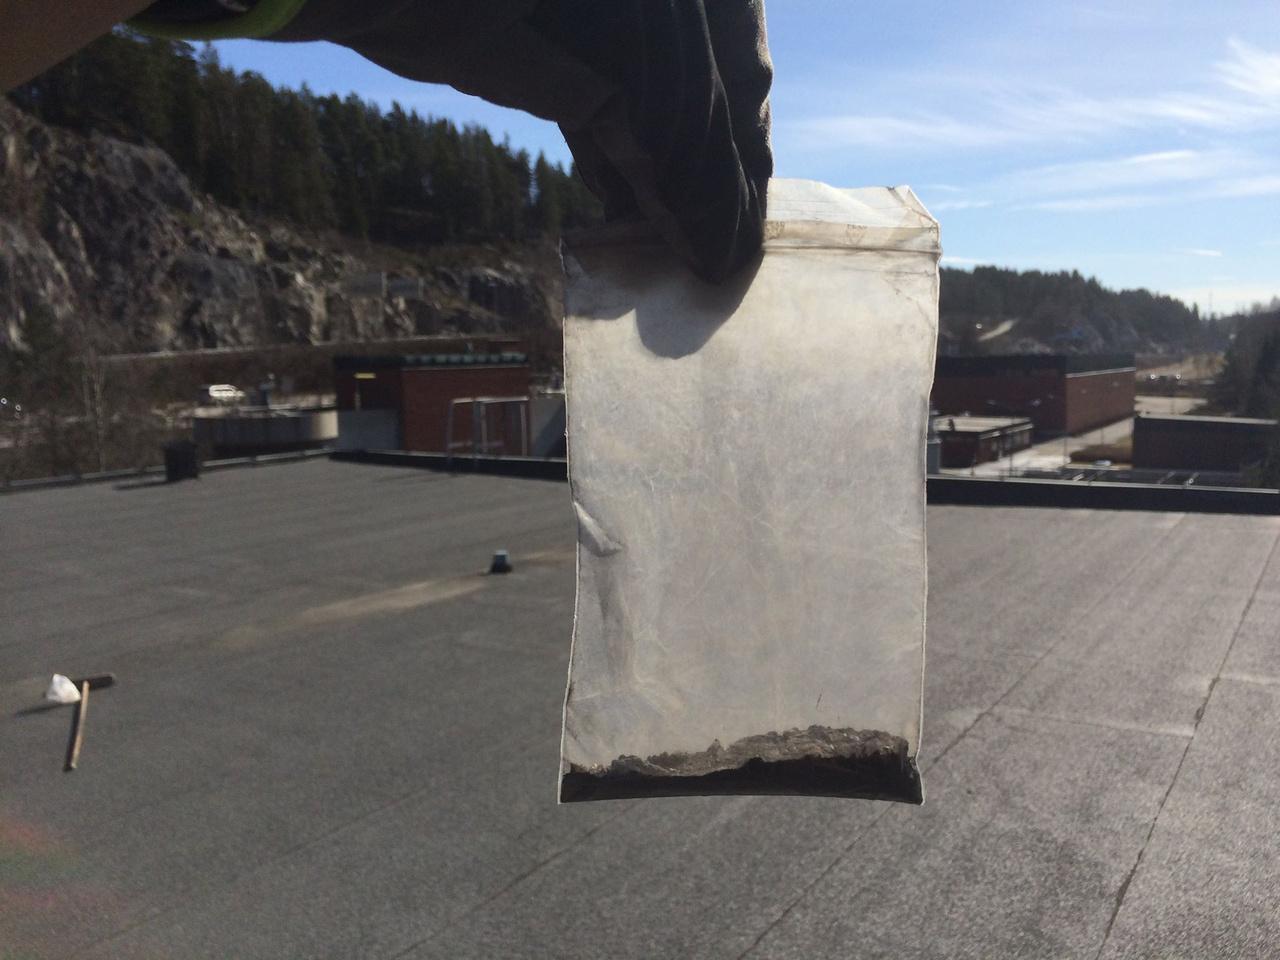 Vinterbro, Norvégia: így néz ki egy tetősöprés első eredménye, a zacskóban valószínűleg rejtőzött néhány űrbéli jövevény.